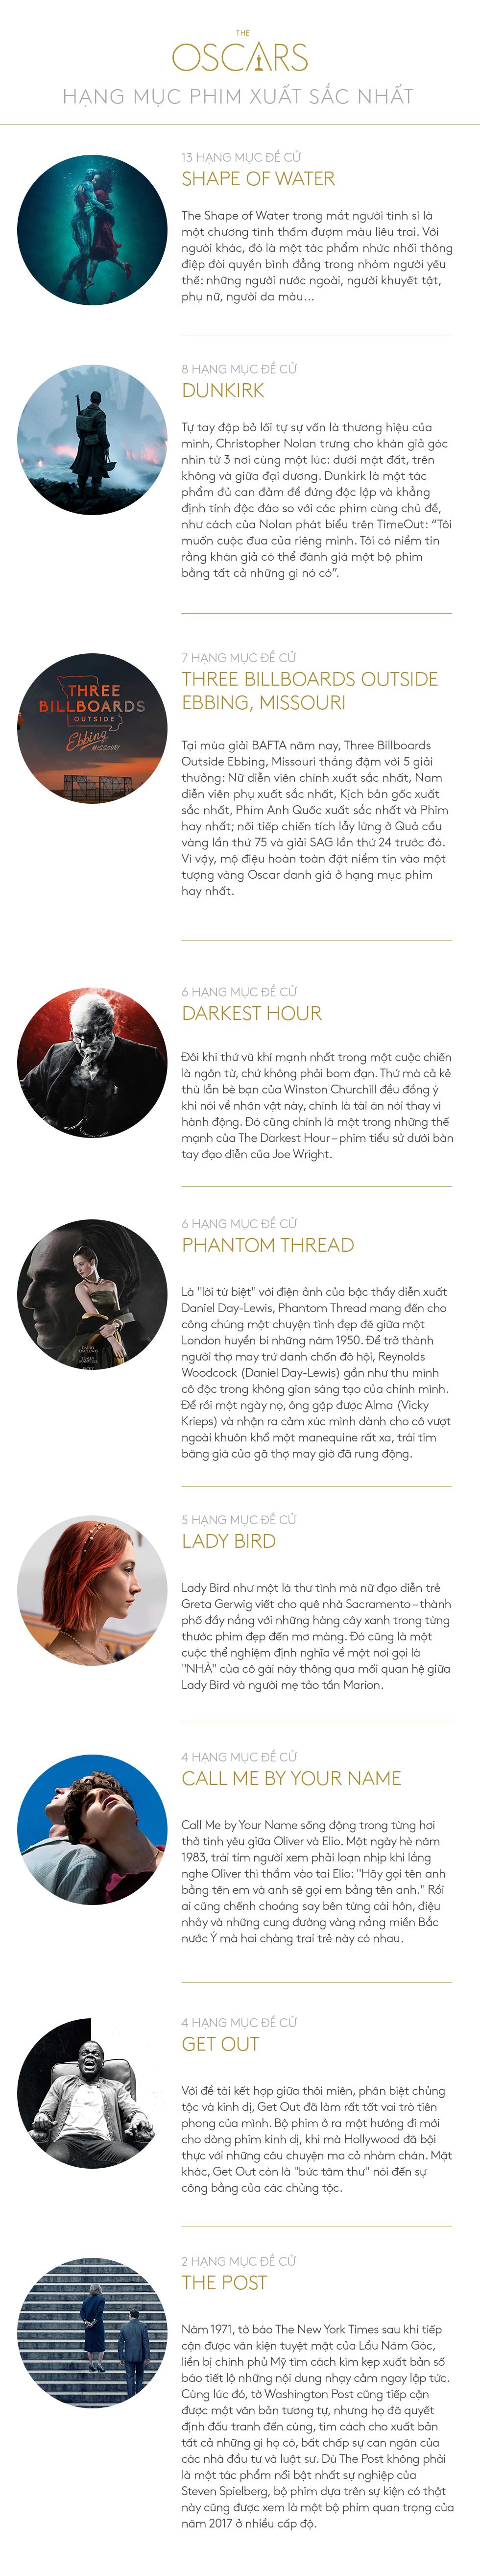 Oscar 2018: Thấy thanh xuân vụt qua những thước phim - Ảnh 15.